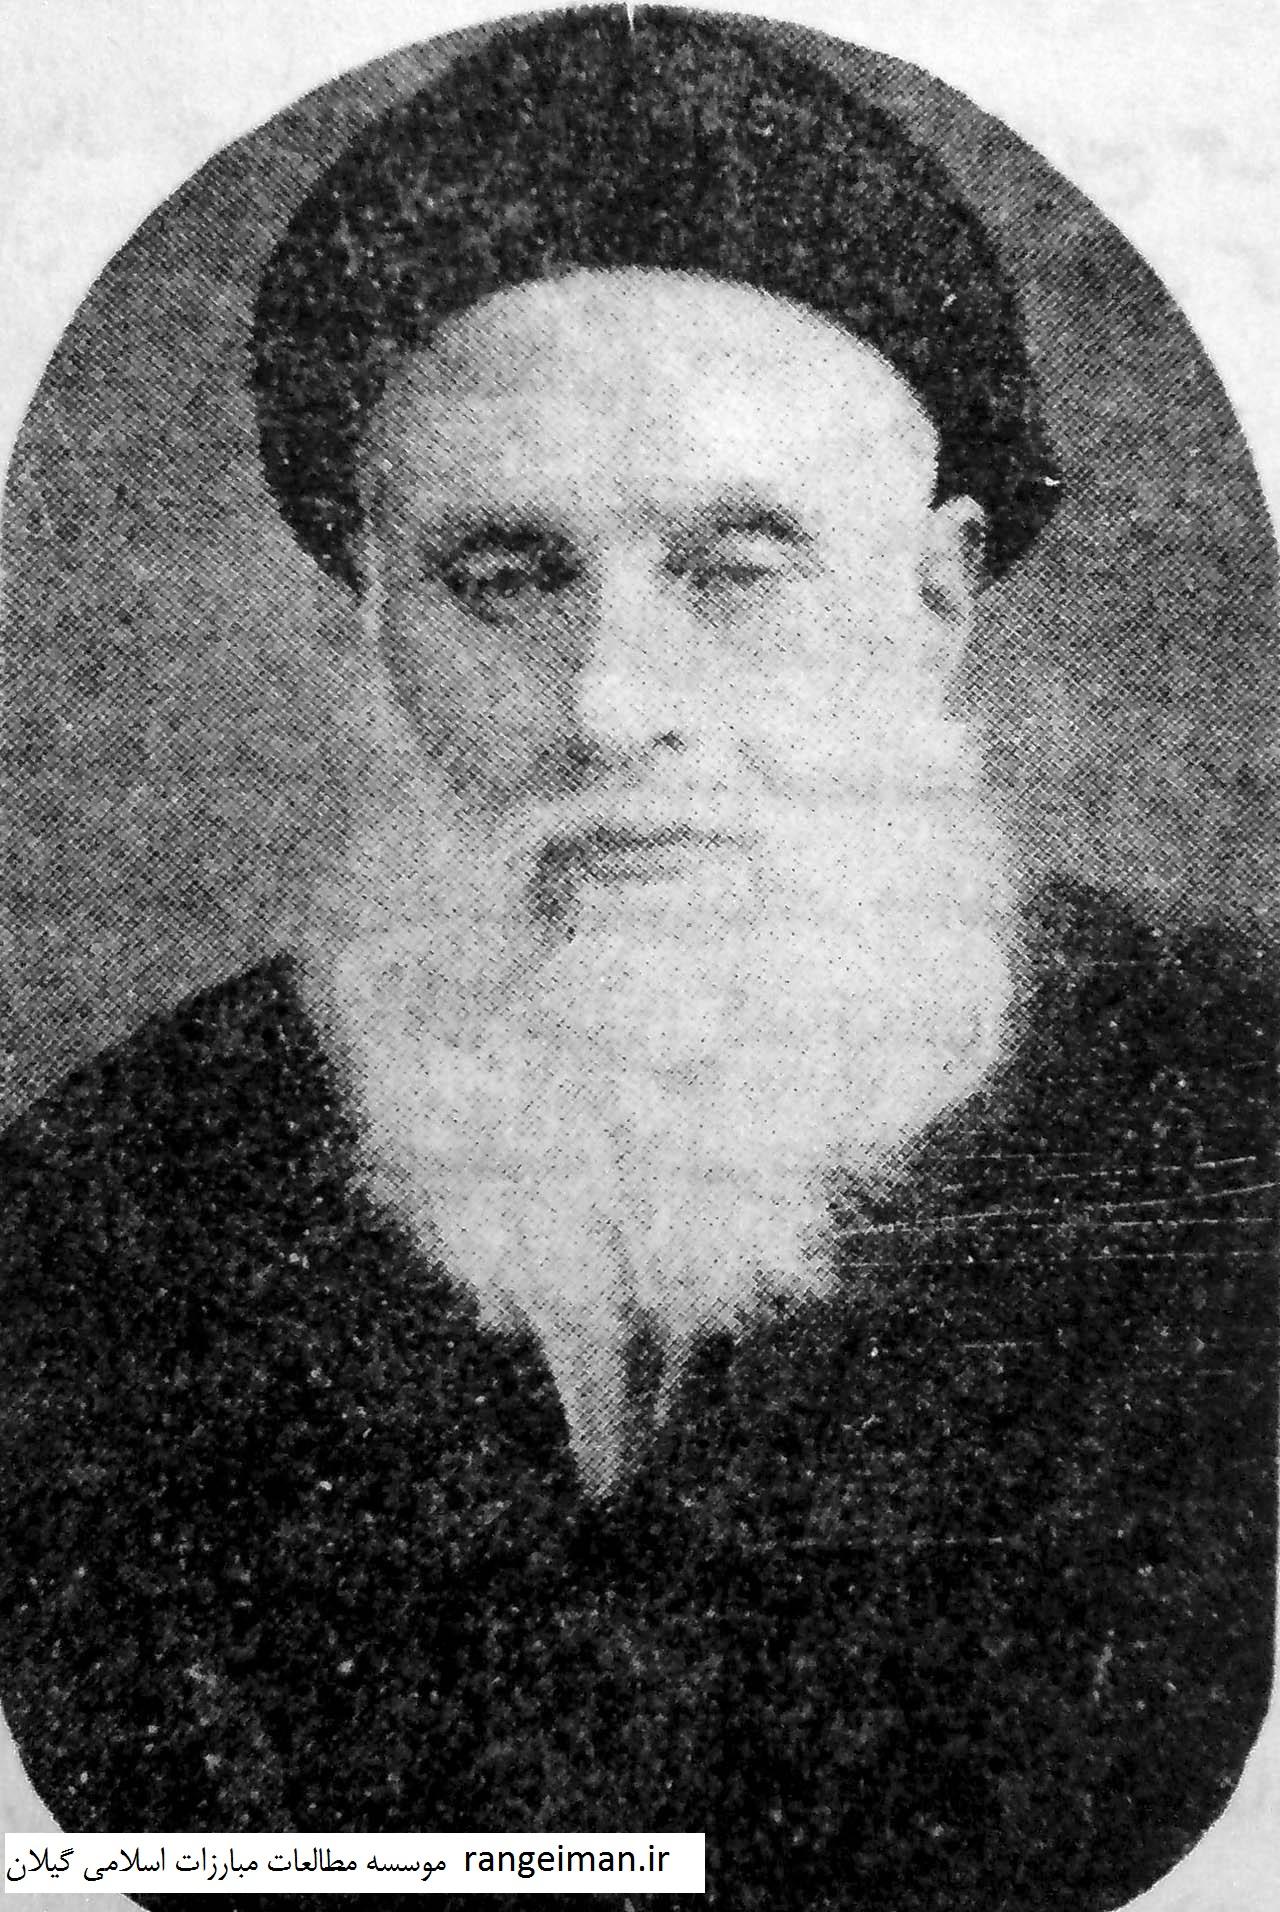 سیدمحمود-روحانی.jpg (1280×1912)